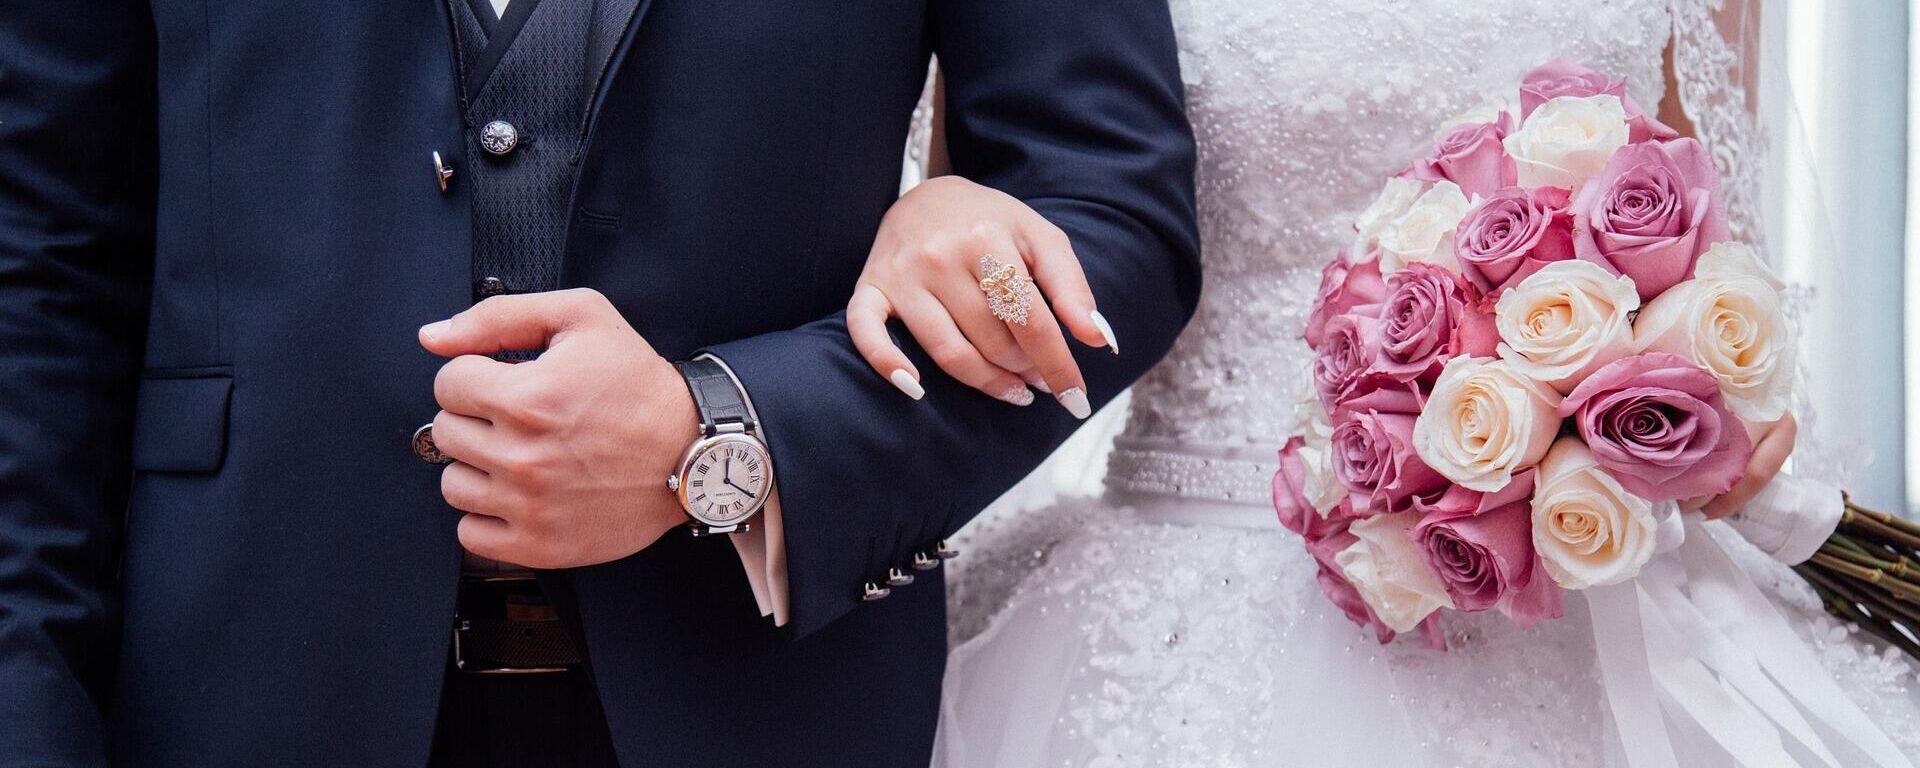 Boda, casamiento. Imagen referencial - Sputnik Mundo, 1920, 29.03.2021